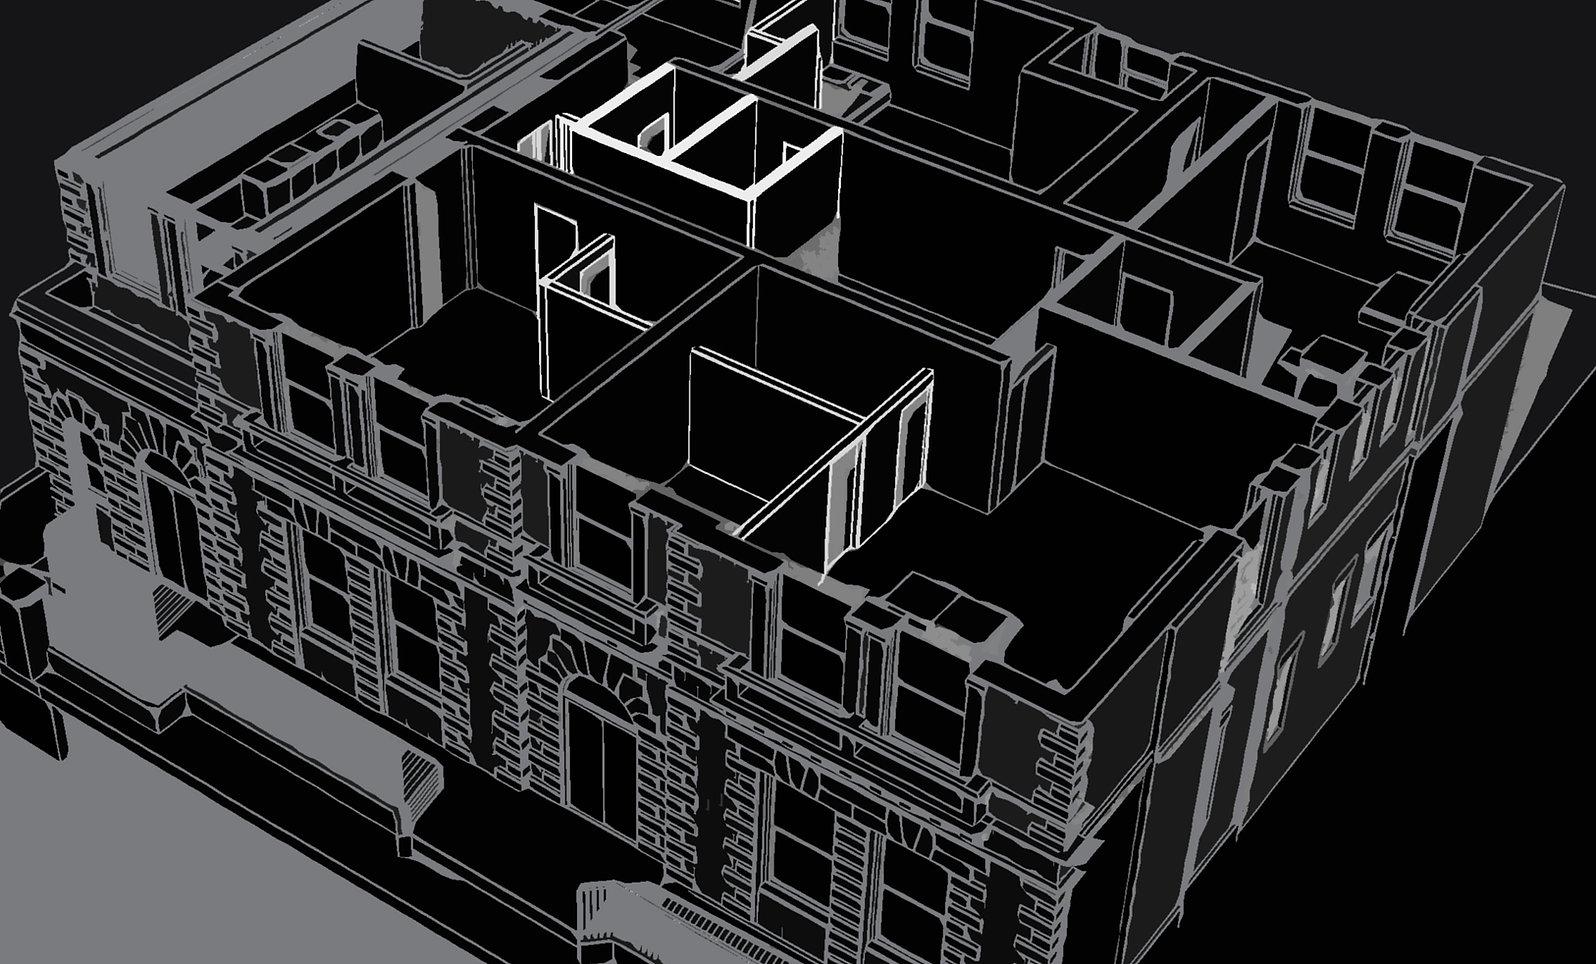 0001 - 3D View - 3D View 1 _ Black&White